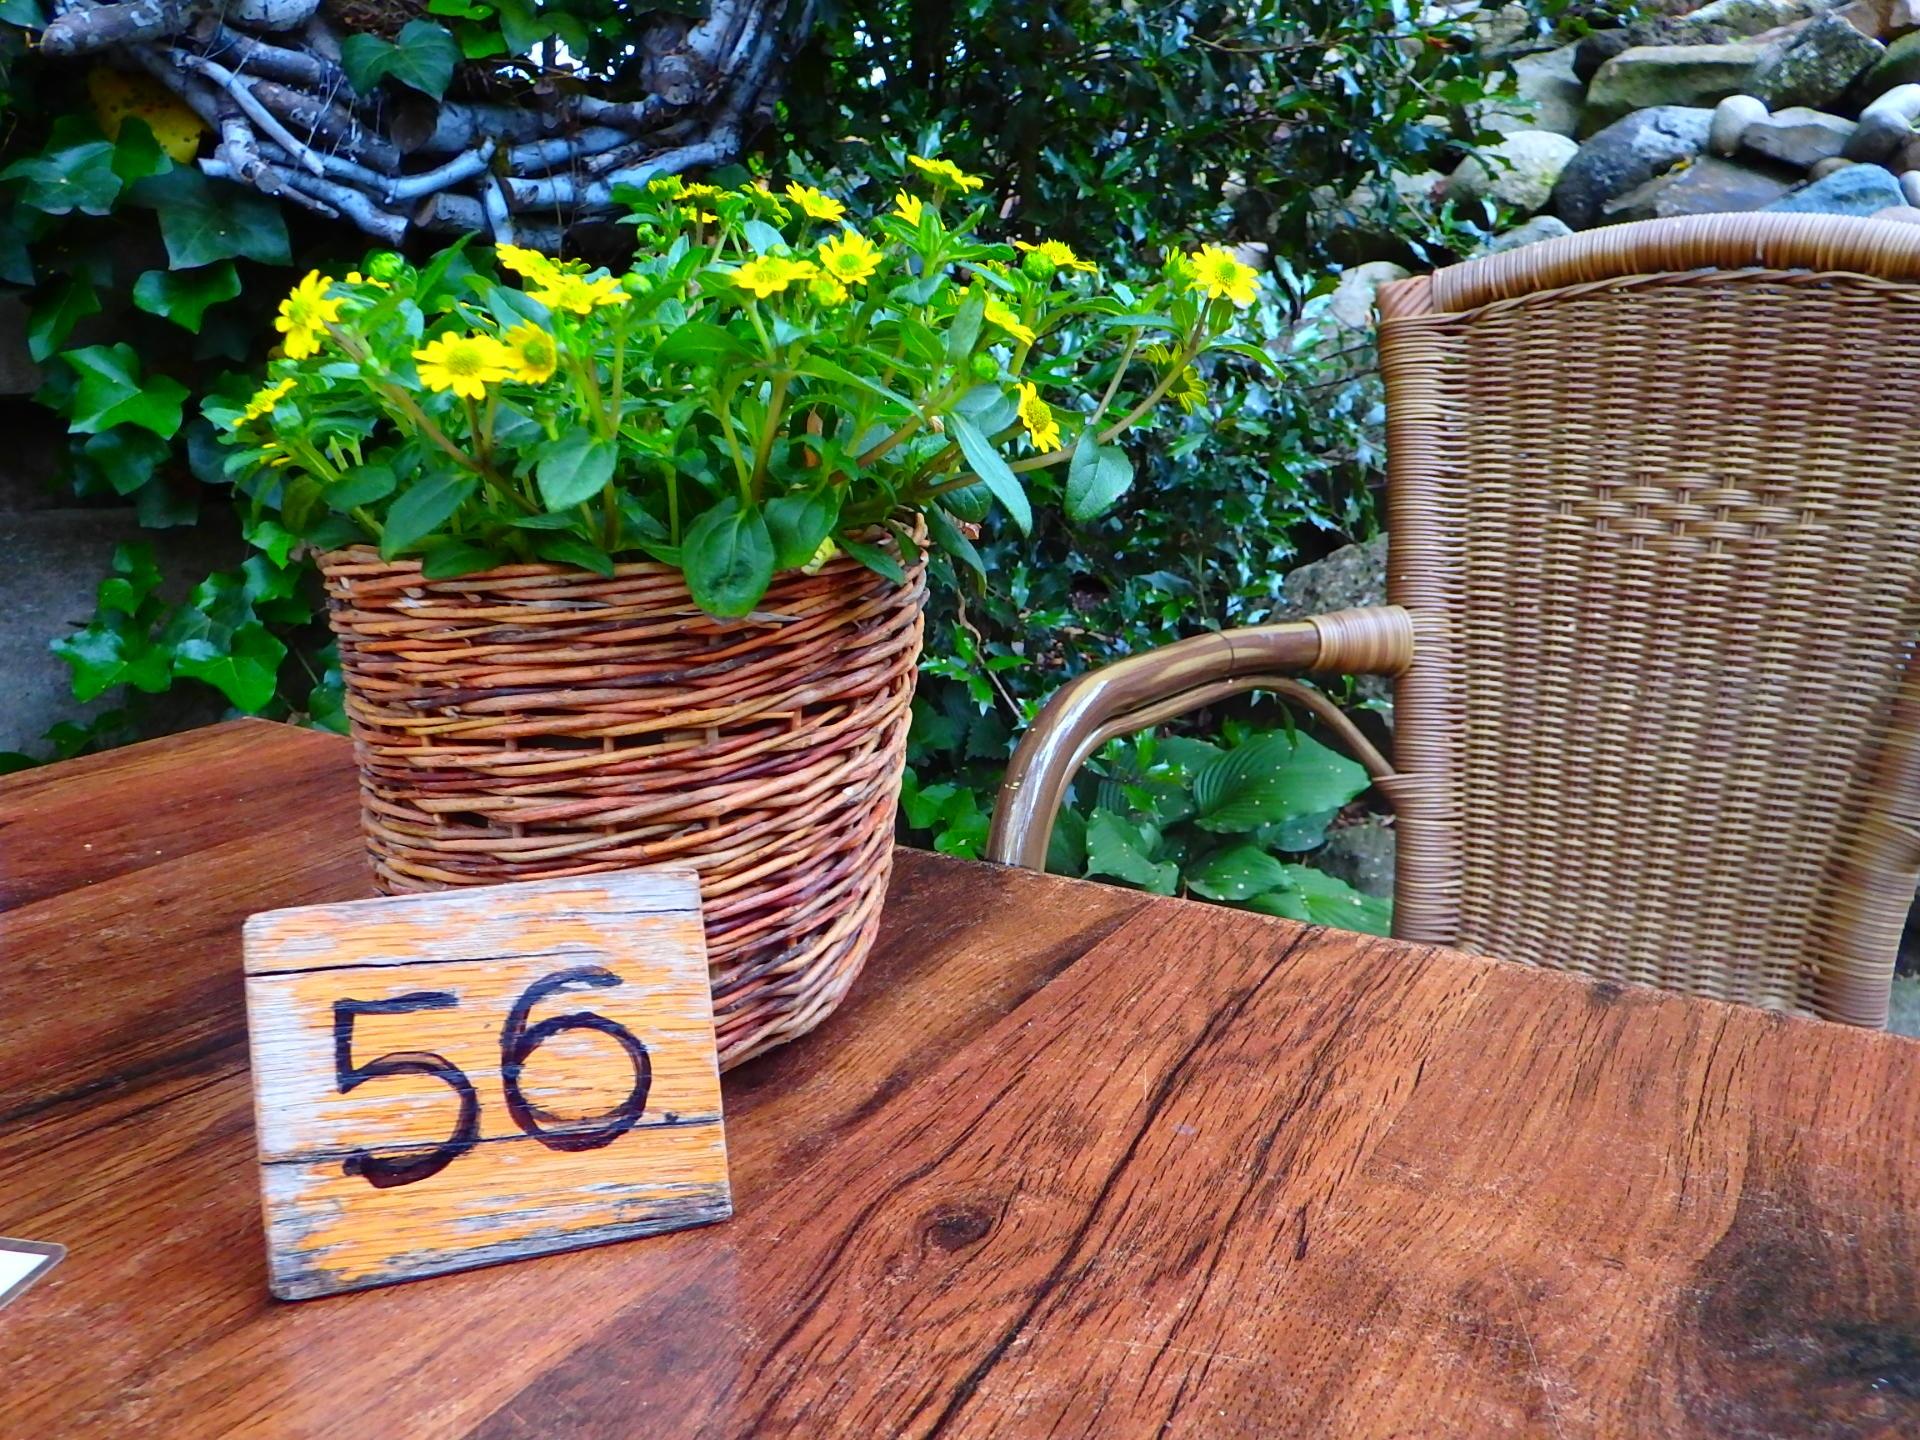 Fotos gratis : mesa, naturaleza, planta, césped, flor, florecer ...